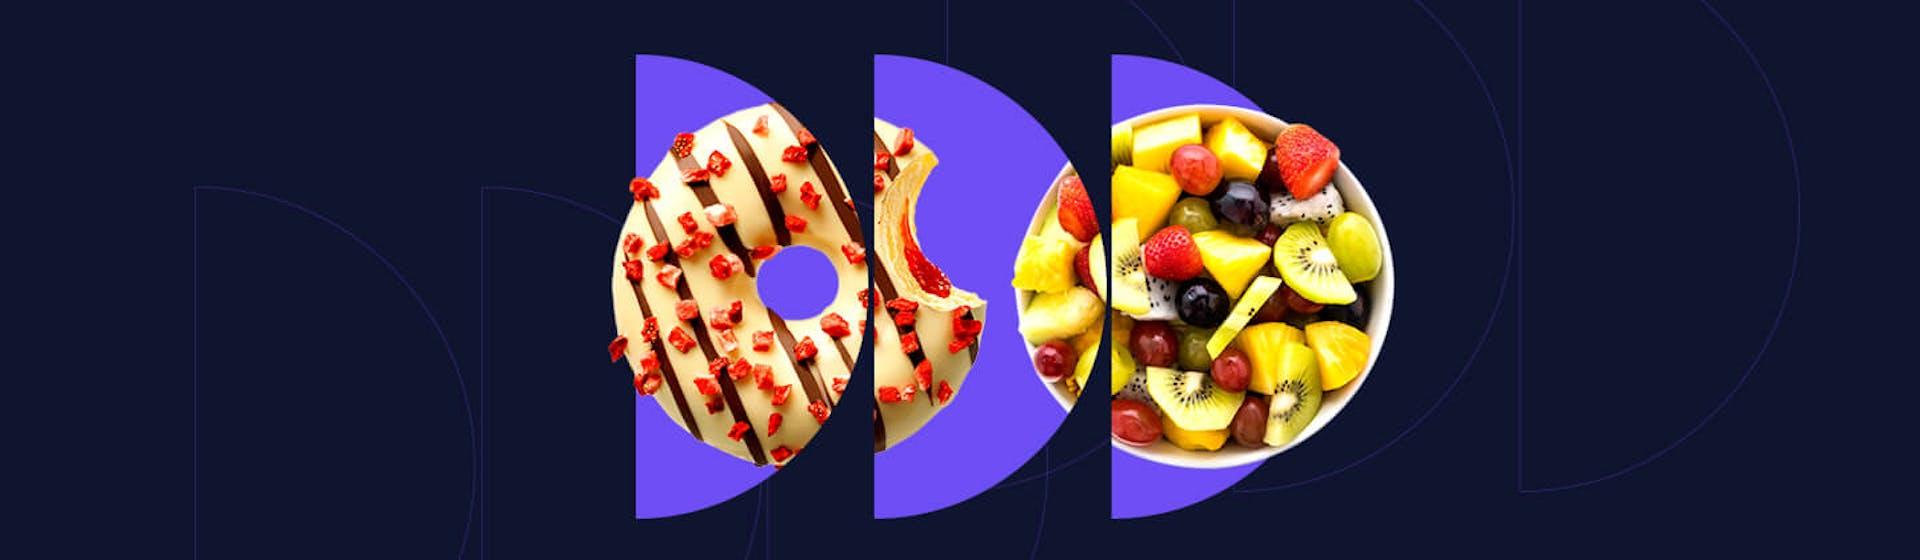 Alimentos naturales y procesados: ¡conoce las diferencias y mejora tu nutrición!